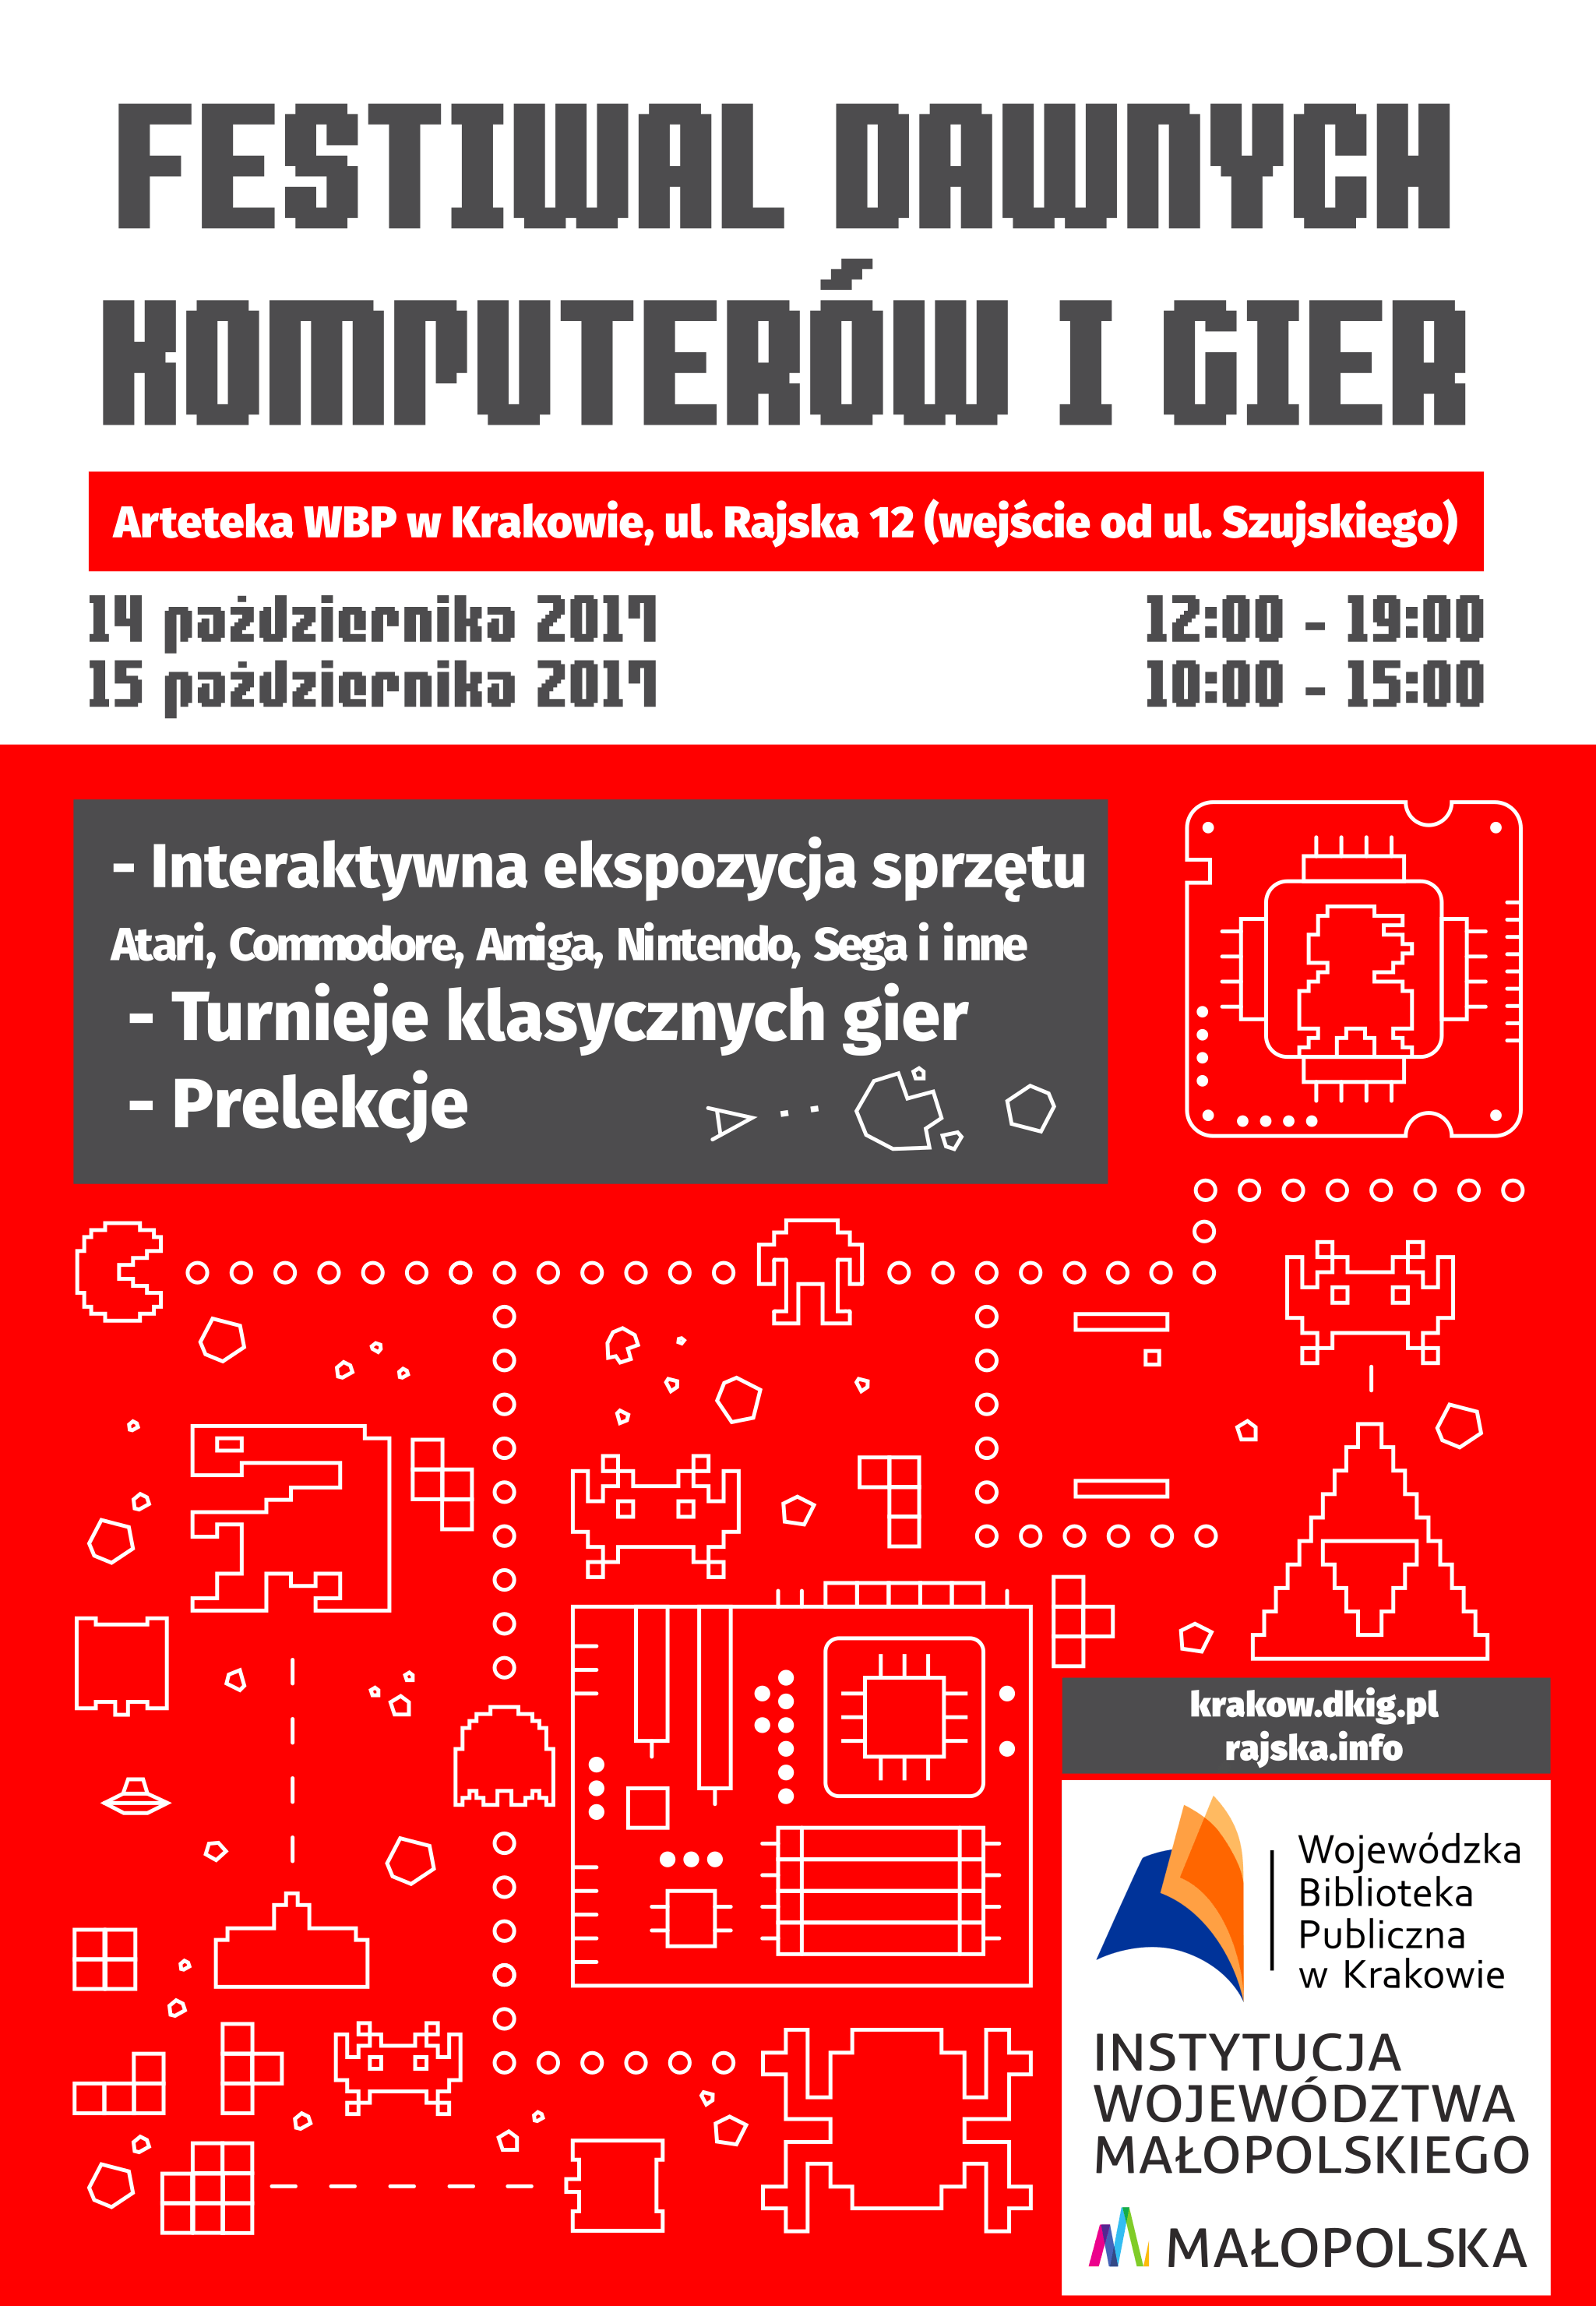 dawne komputery gry - Festiwal Dawnych Komputerów i Gier - Kraków 2017